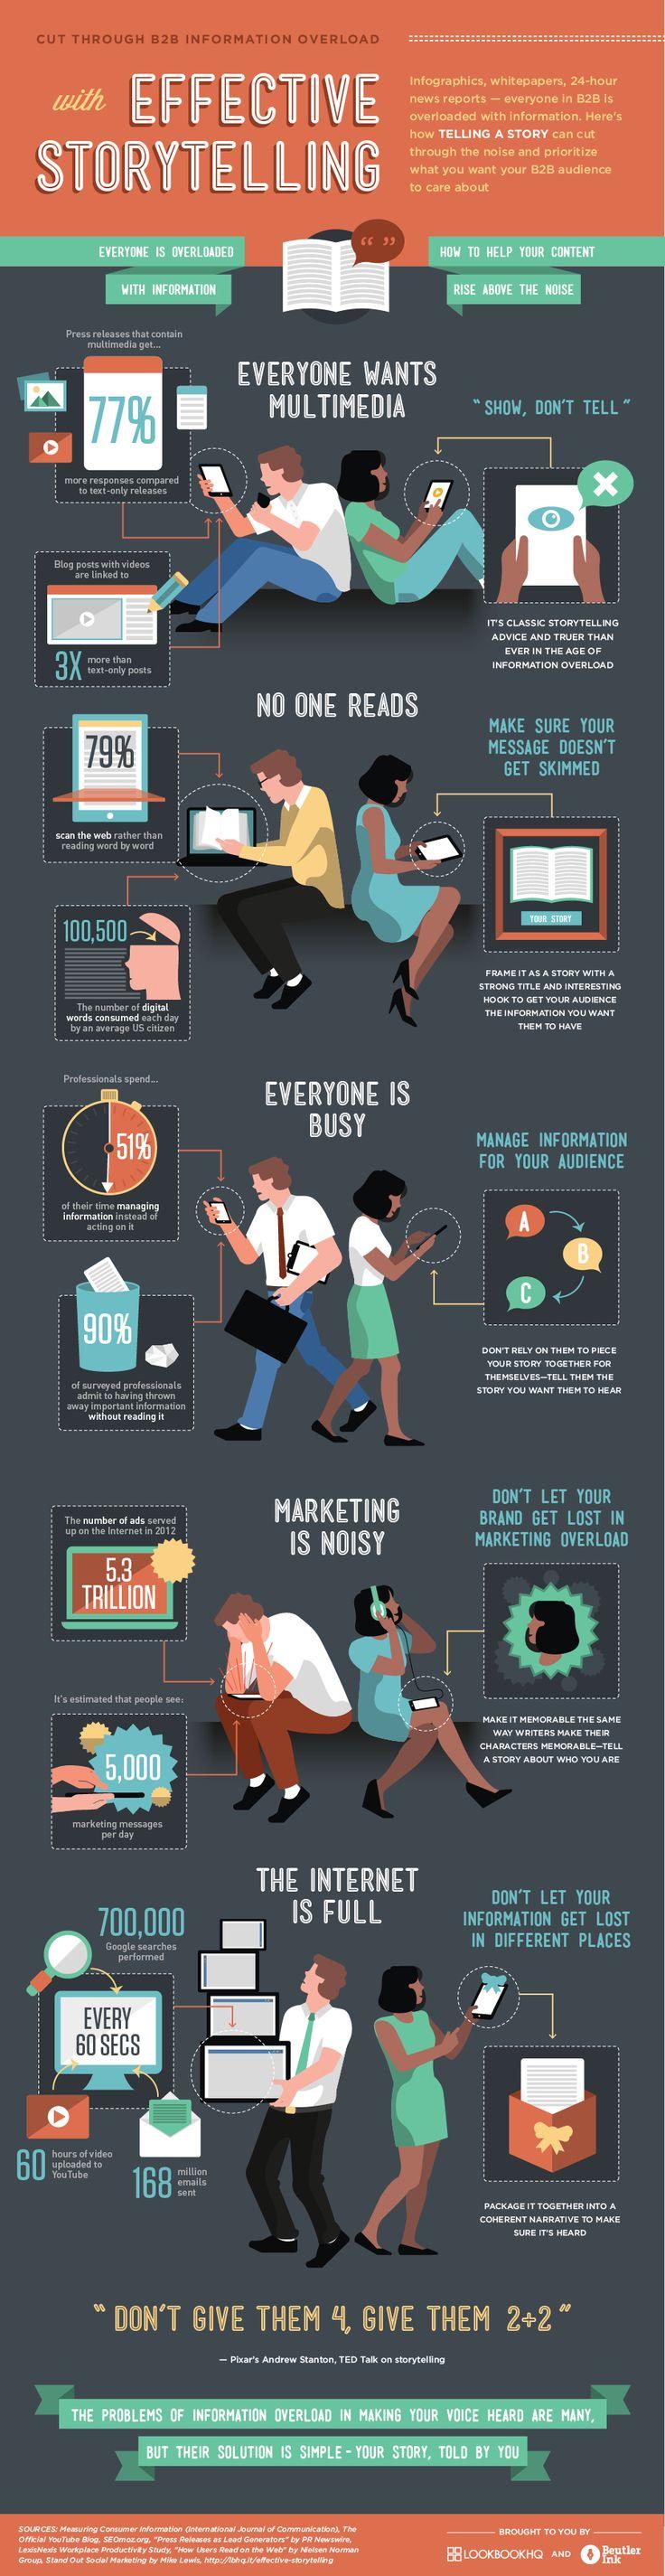 Storytelling B2B Marketing